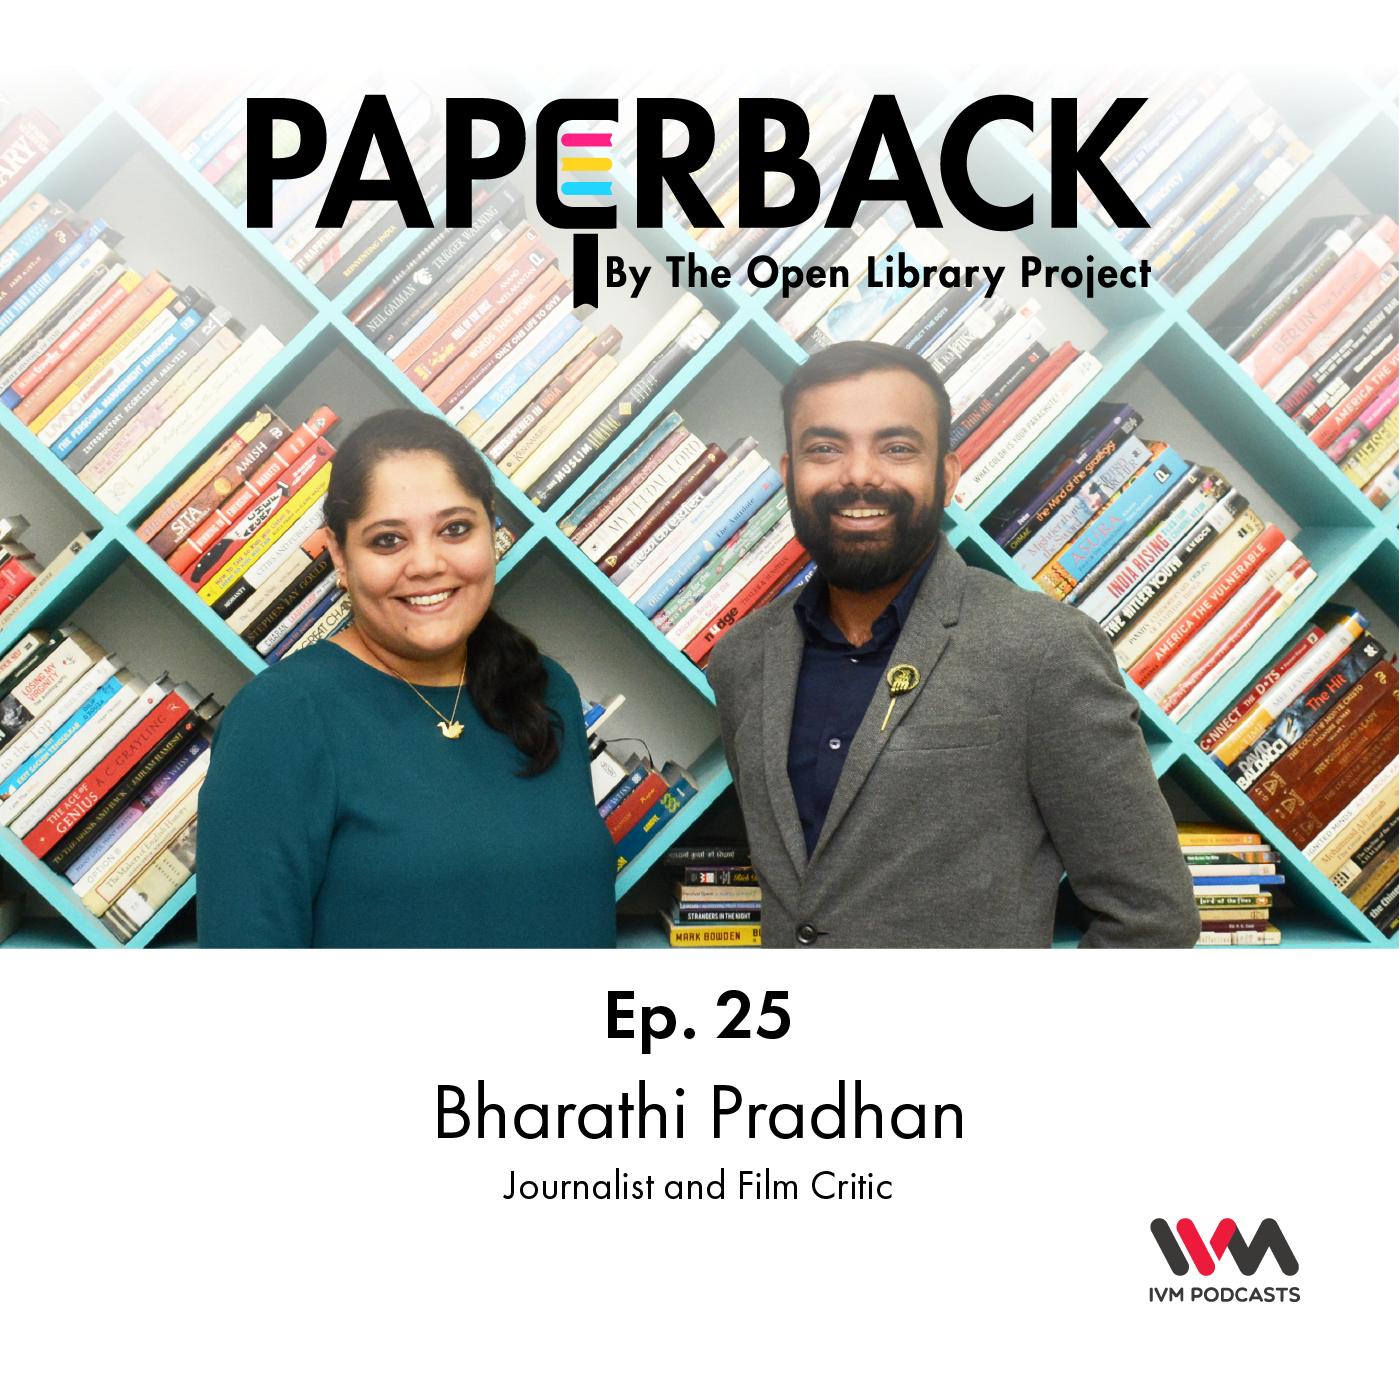 Ep. 25: Bharathi Pradhan